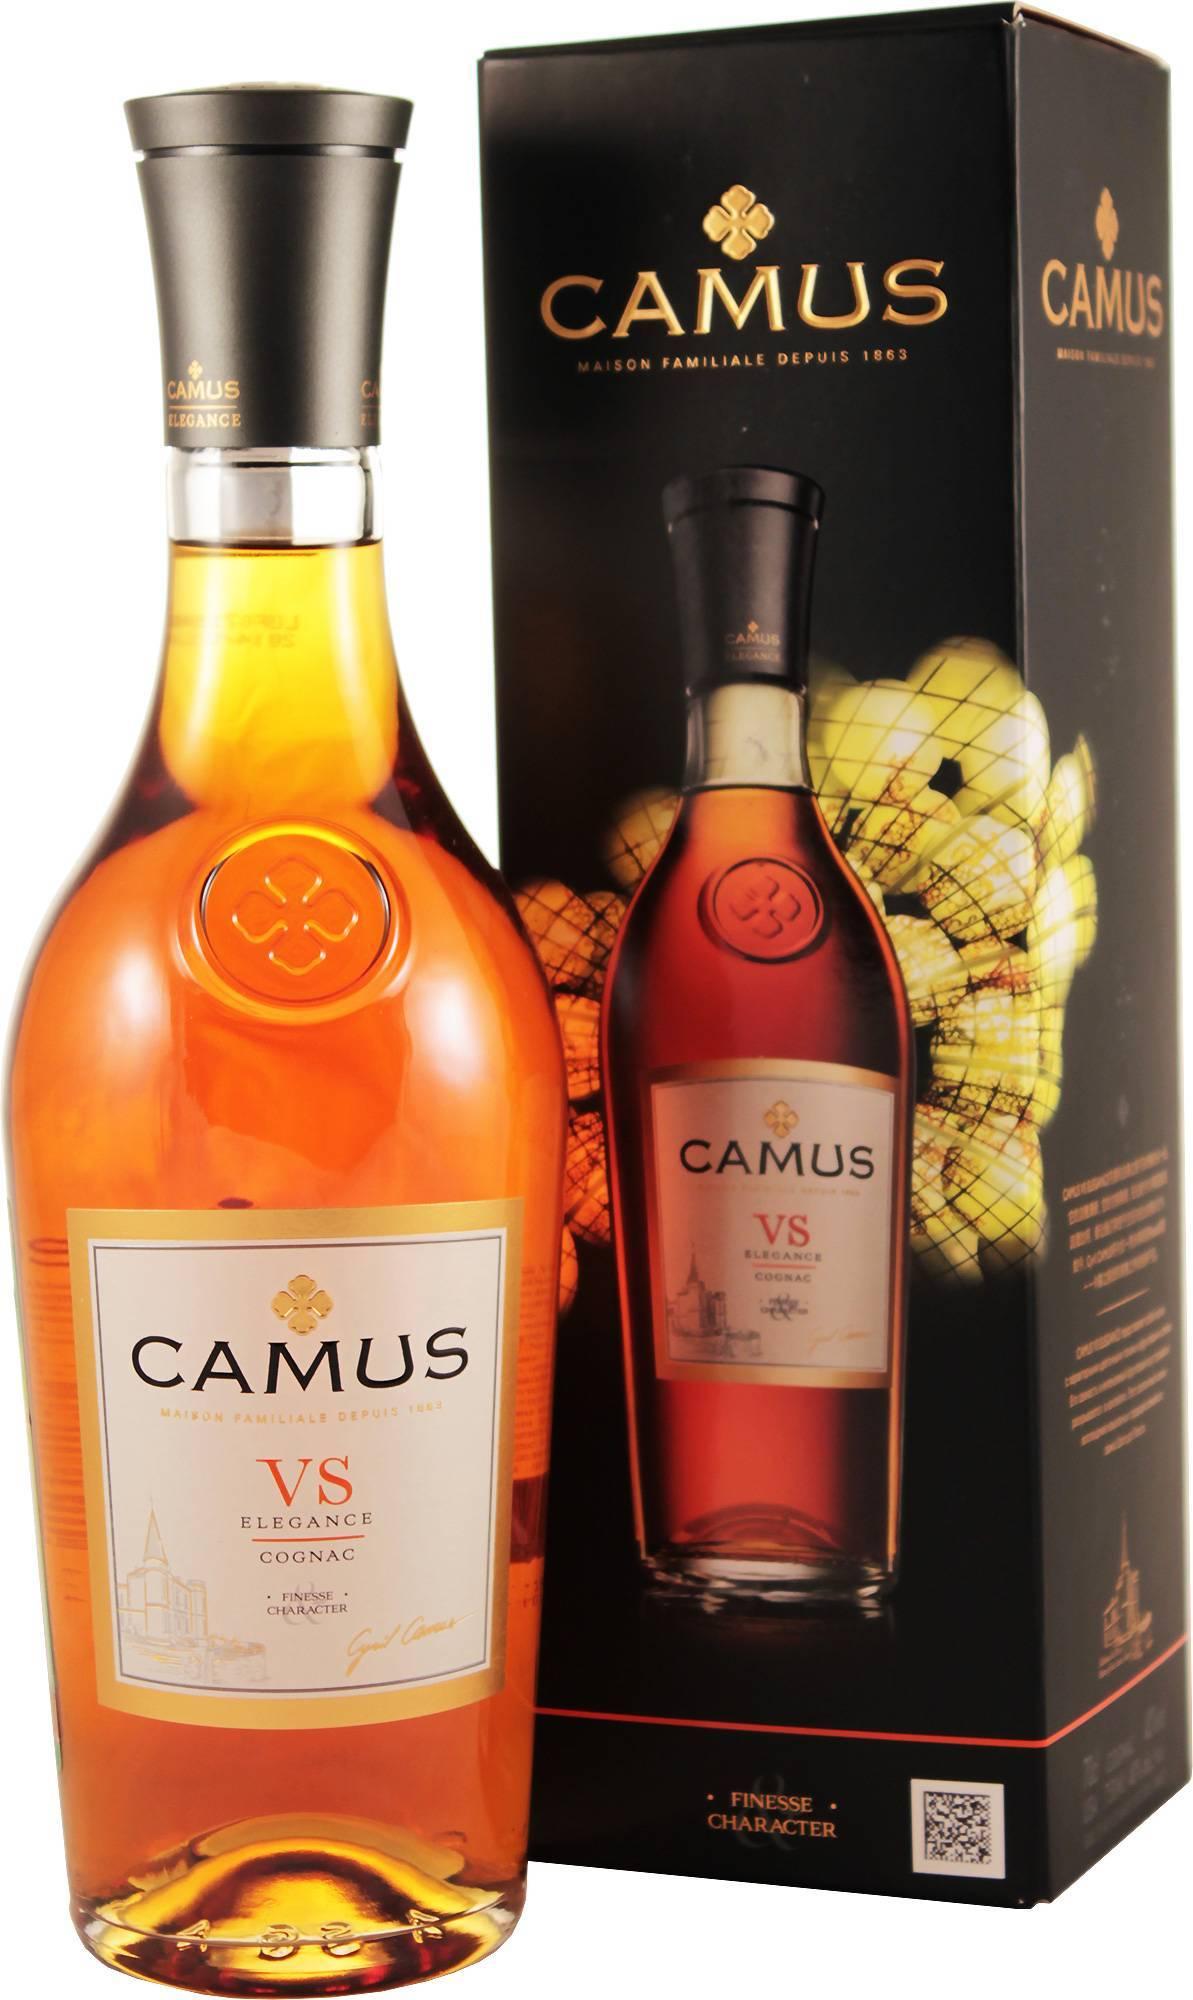 Коньяк камю (camus) и виды по французской классификации vs, vsop, xo